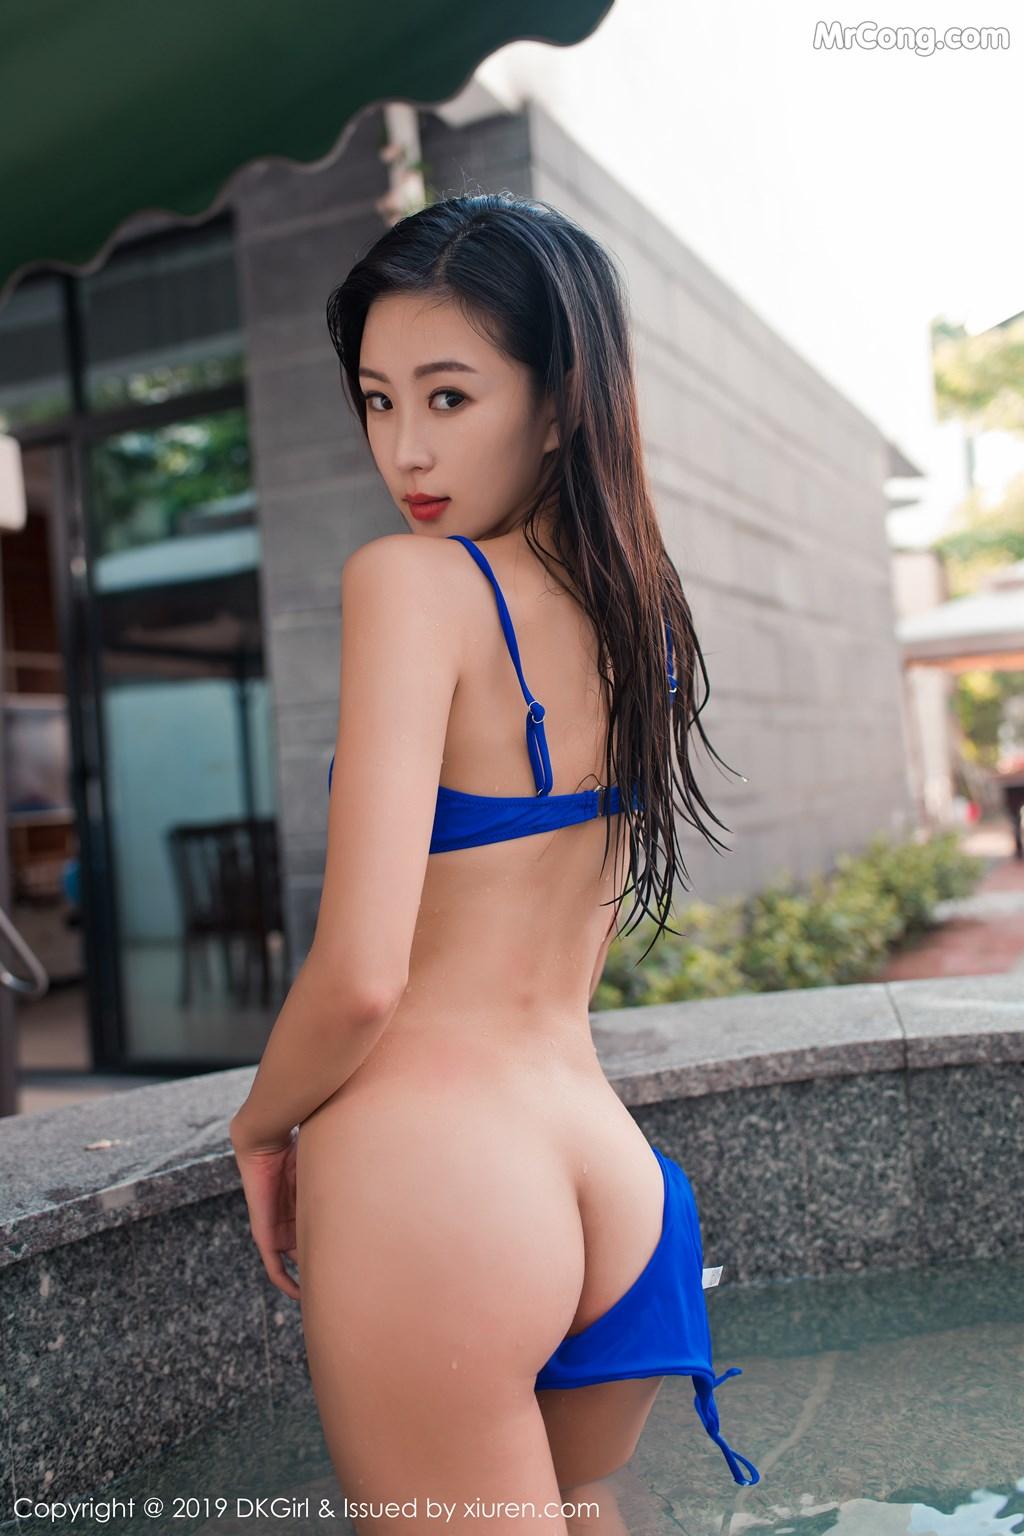 Image DKGirl-Vol.119-Alice-MrCong.com-019 in post DKGirl Vol.119: 小子怡Alice (38 ảnh)